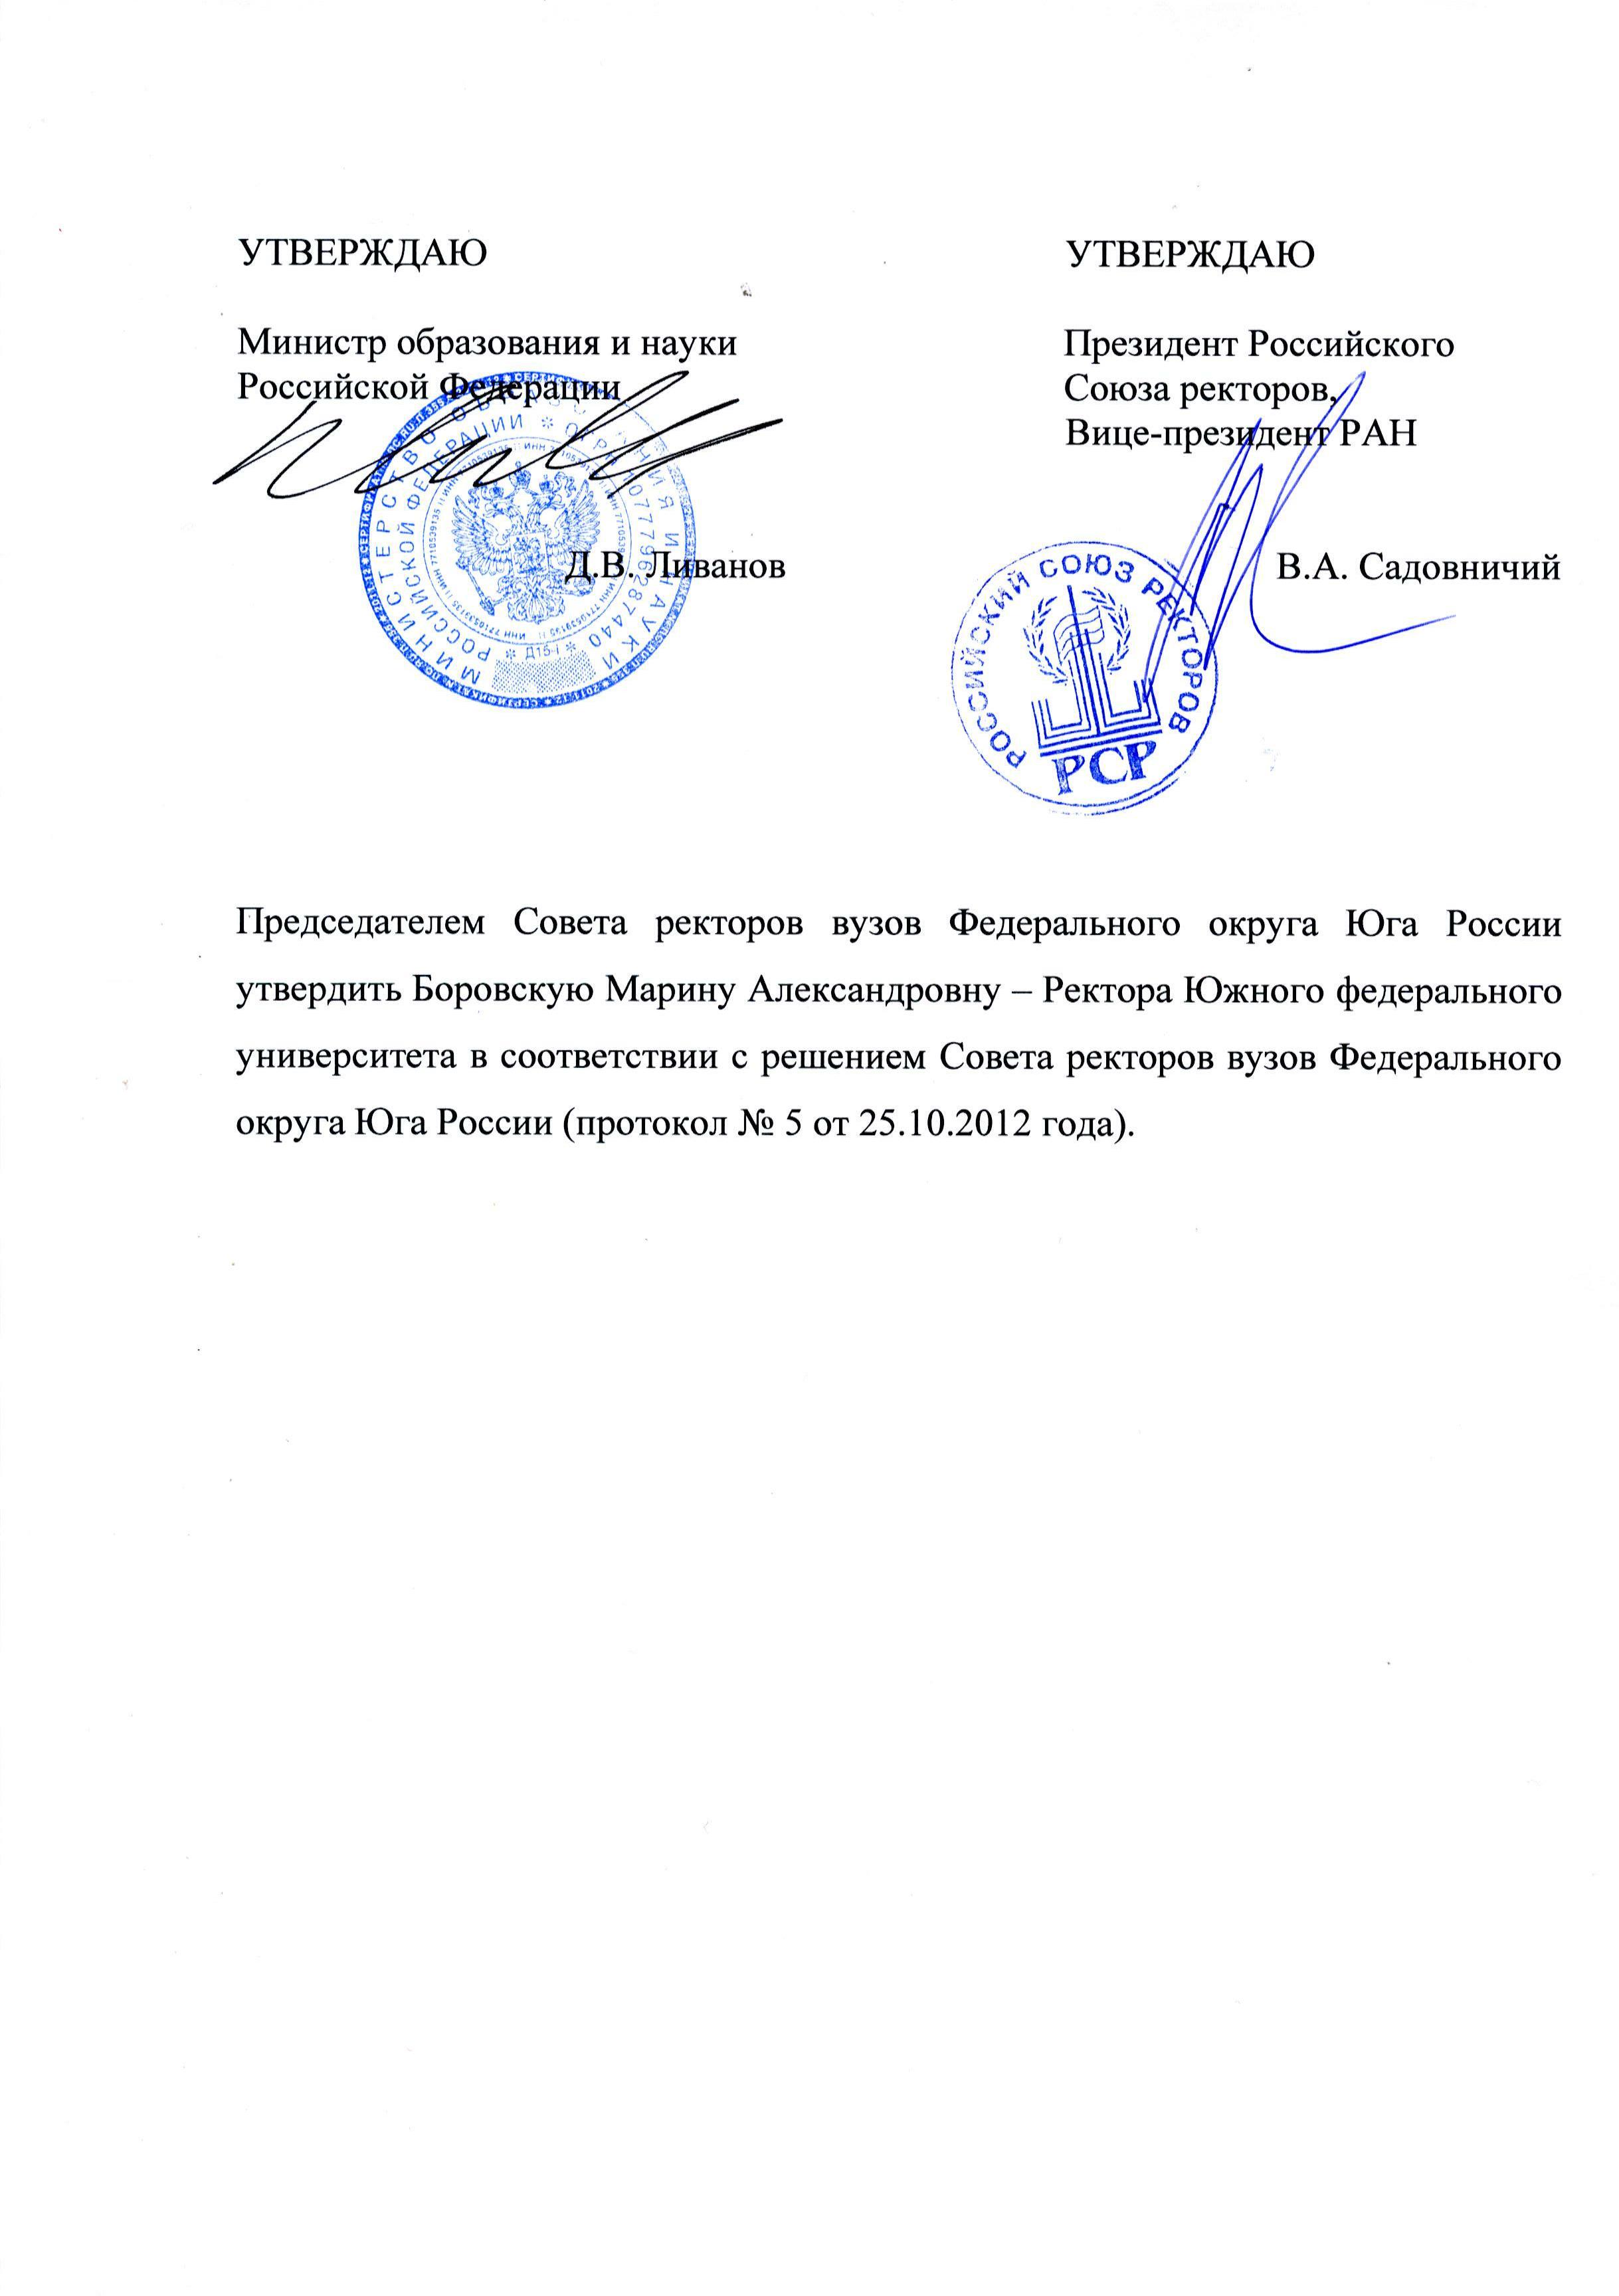 Скачать Образец Заявления На Отпуск Украина